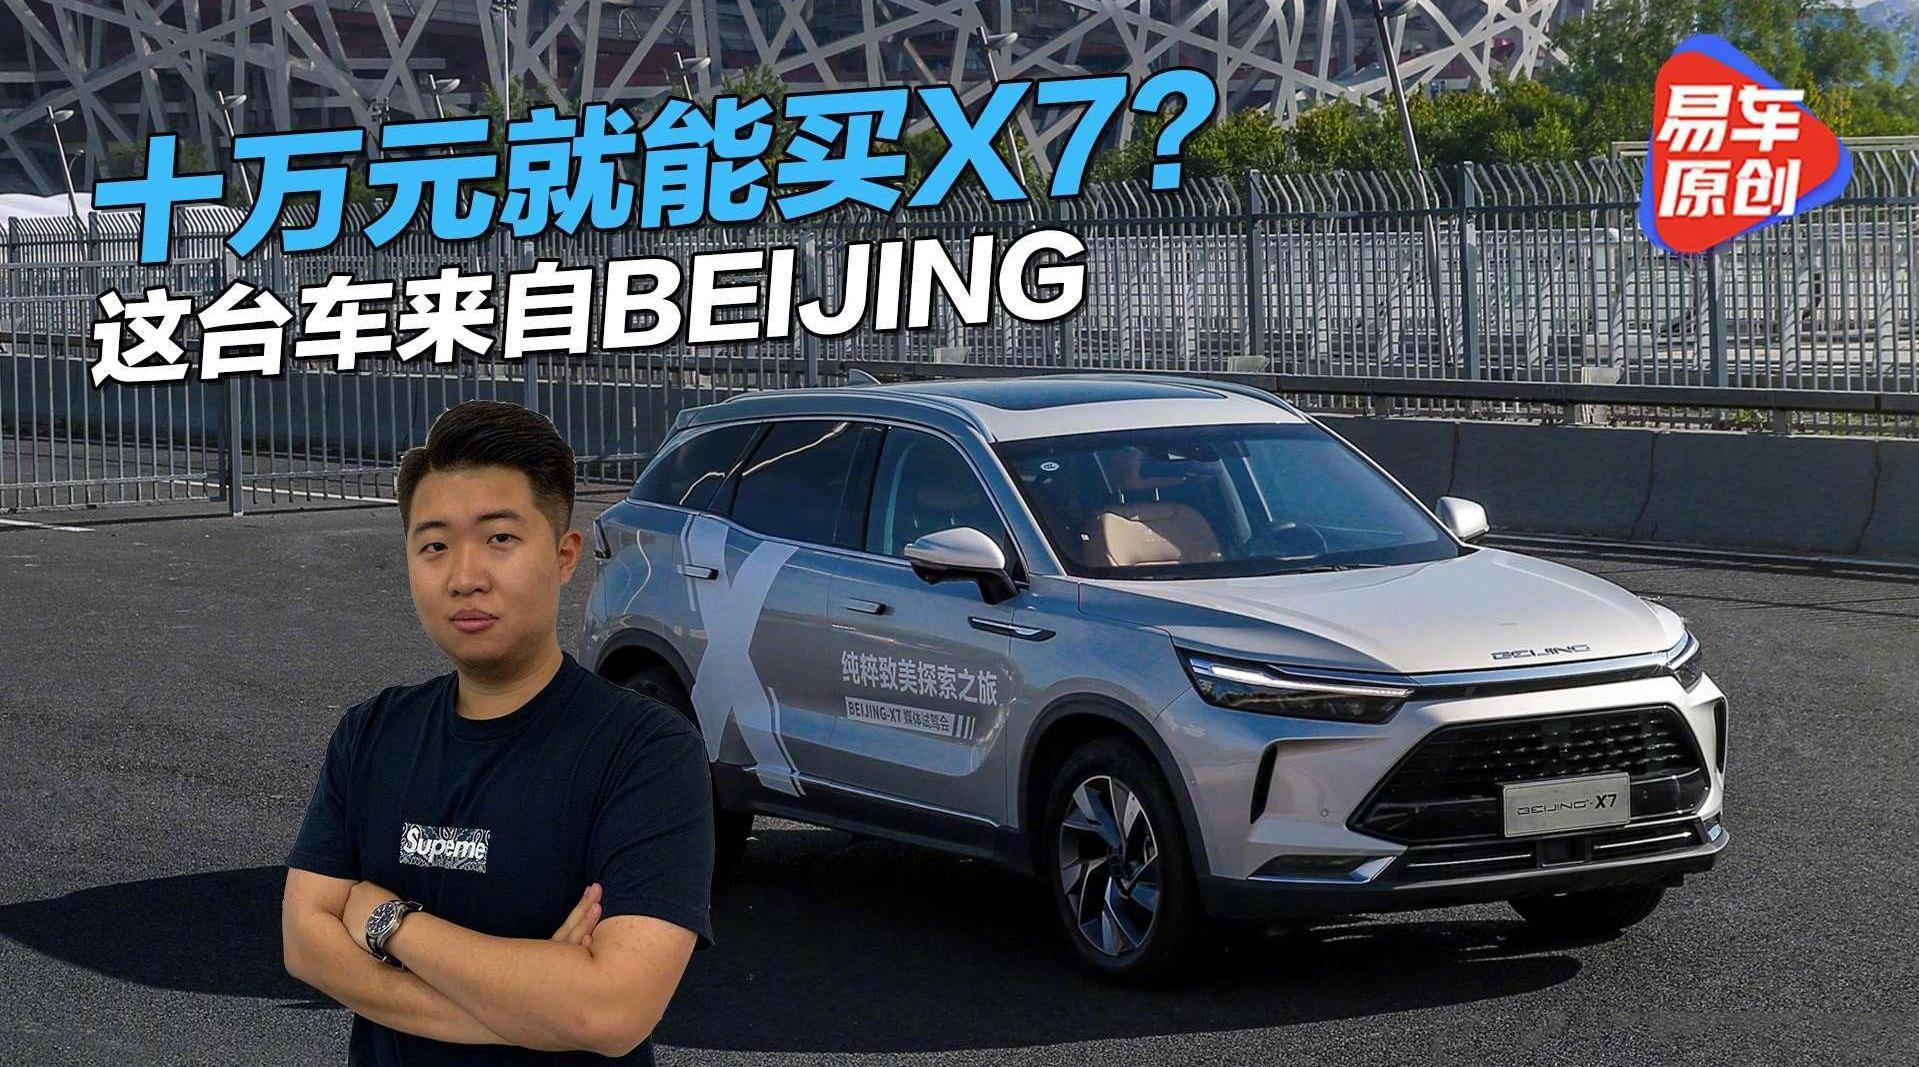 视频:十万元就能买X7?这台SUV来自BEIJING